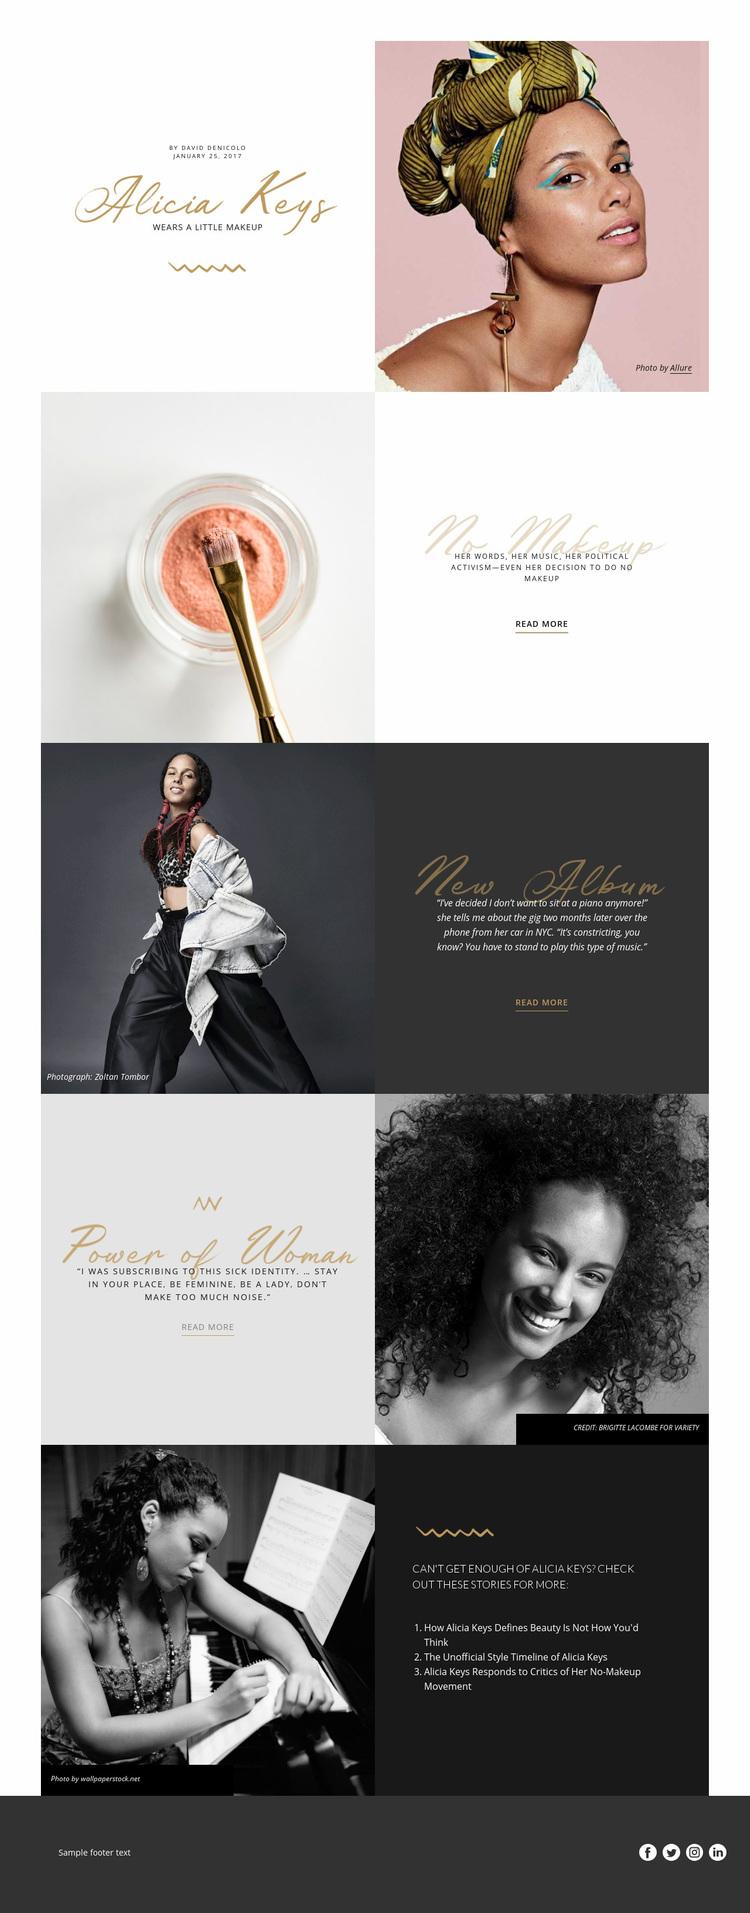 Alicia Keys Web Page Designer